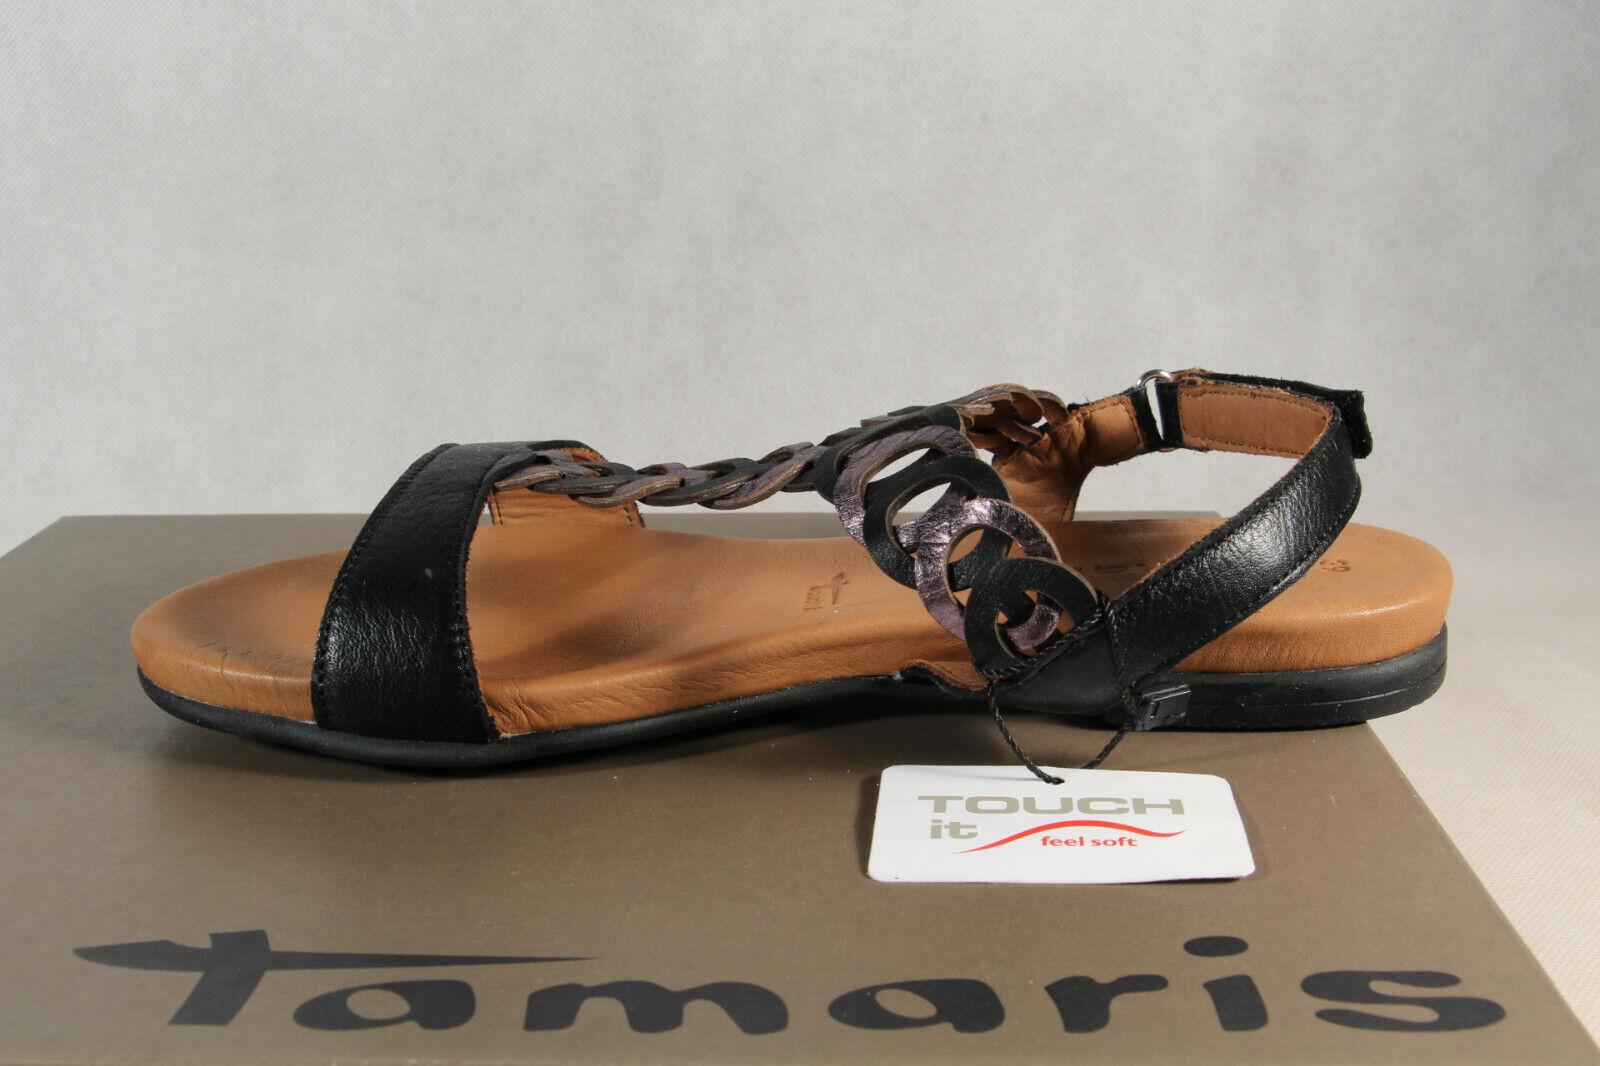 Tamaris Damen Sandale Sandalette schwarz Echtleder 28127 NEU!